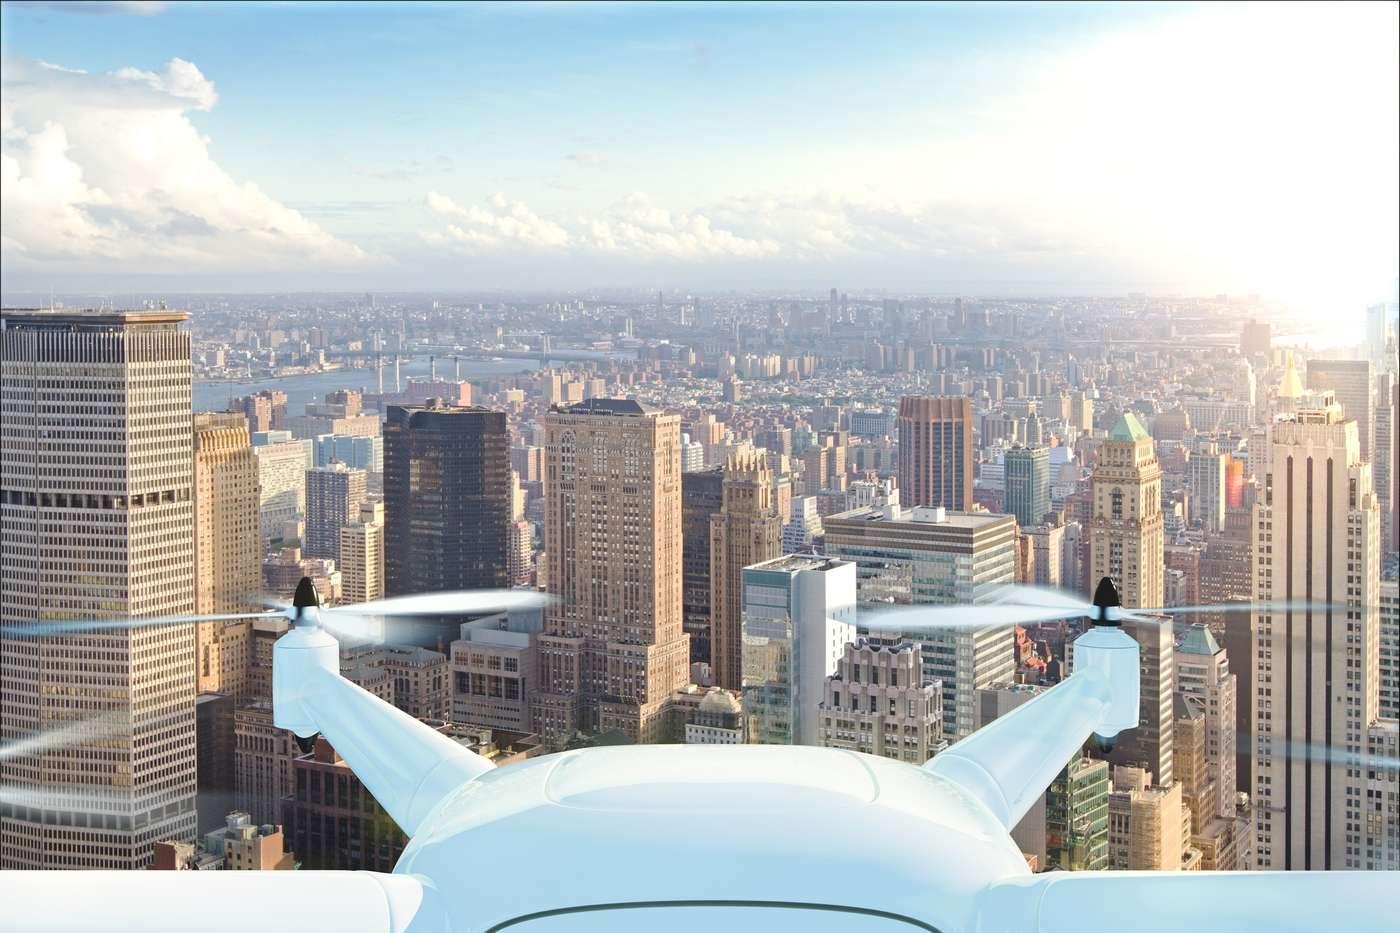 Alors que le marché des drones grand public est en plein essor et que les drones-livreurs pointent le bout de leurs hélices, les technologies d'évitement des obstacles sont amenées à jouer un rôle central dans la sécurité de ces appareils. © Who is Danny, Shutterstock